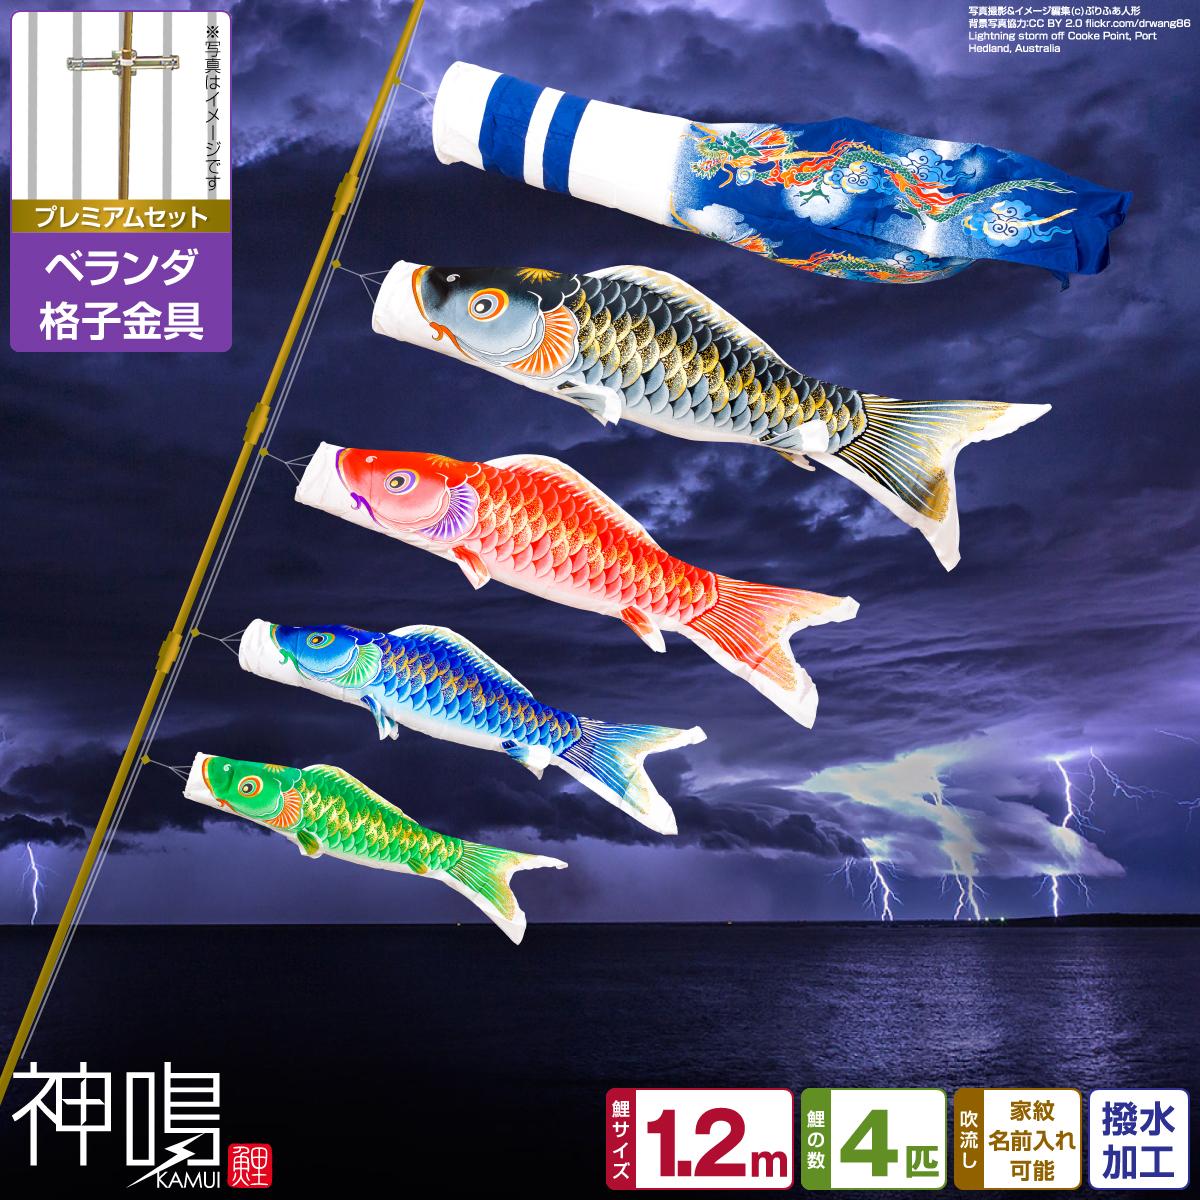 ベランダ用 鯉のぼり 神鳴鯉-KAMUI- 1.2m 7点(吹流し+鯉4匹+矢車+ロープ)/プレミアムセット(格子金具)